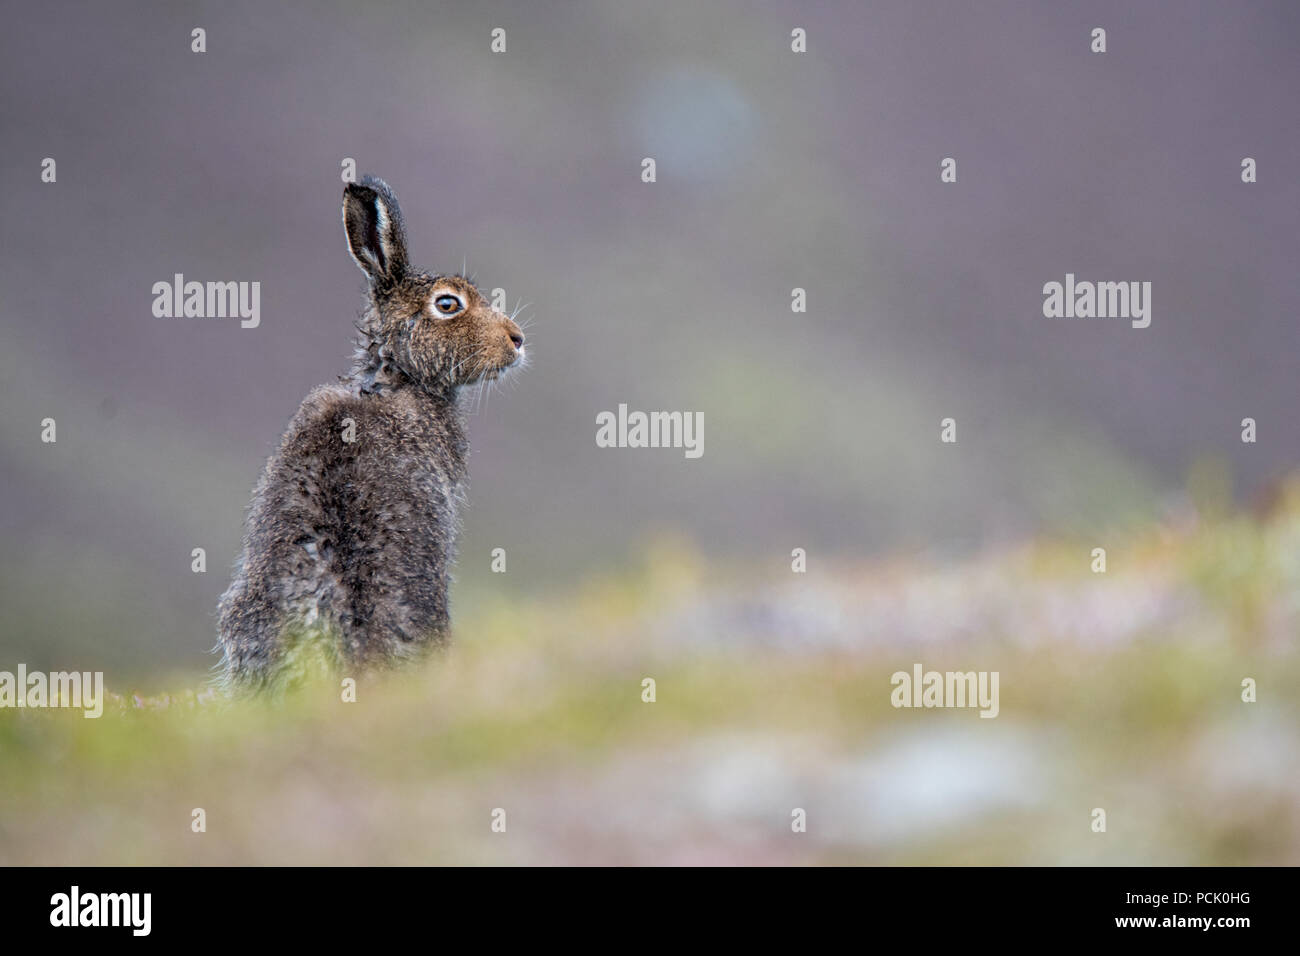 Wet Mountain lepre (Lepus timidus) seduto su una collina in estate dopo la doccia a pioggia Immagini Stock